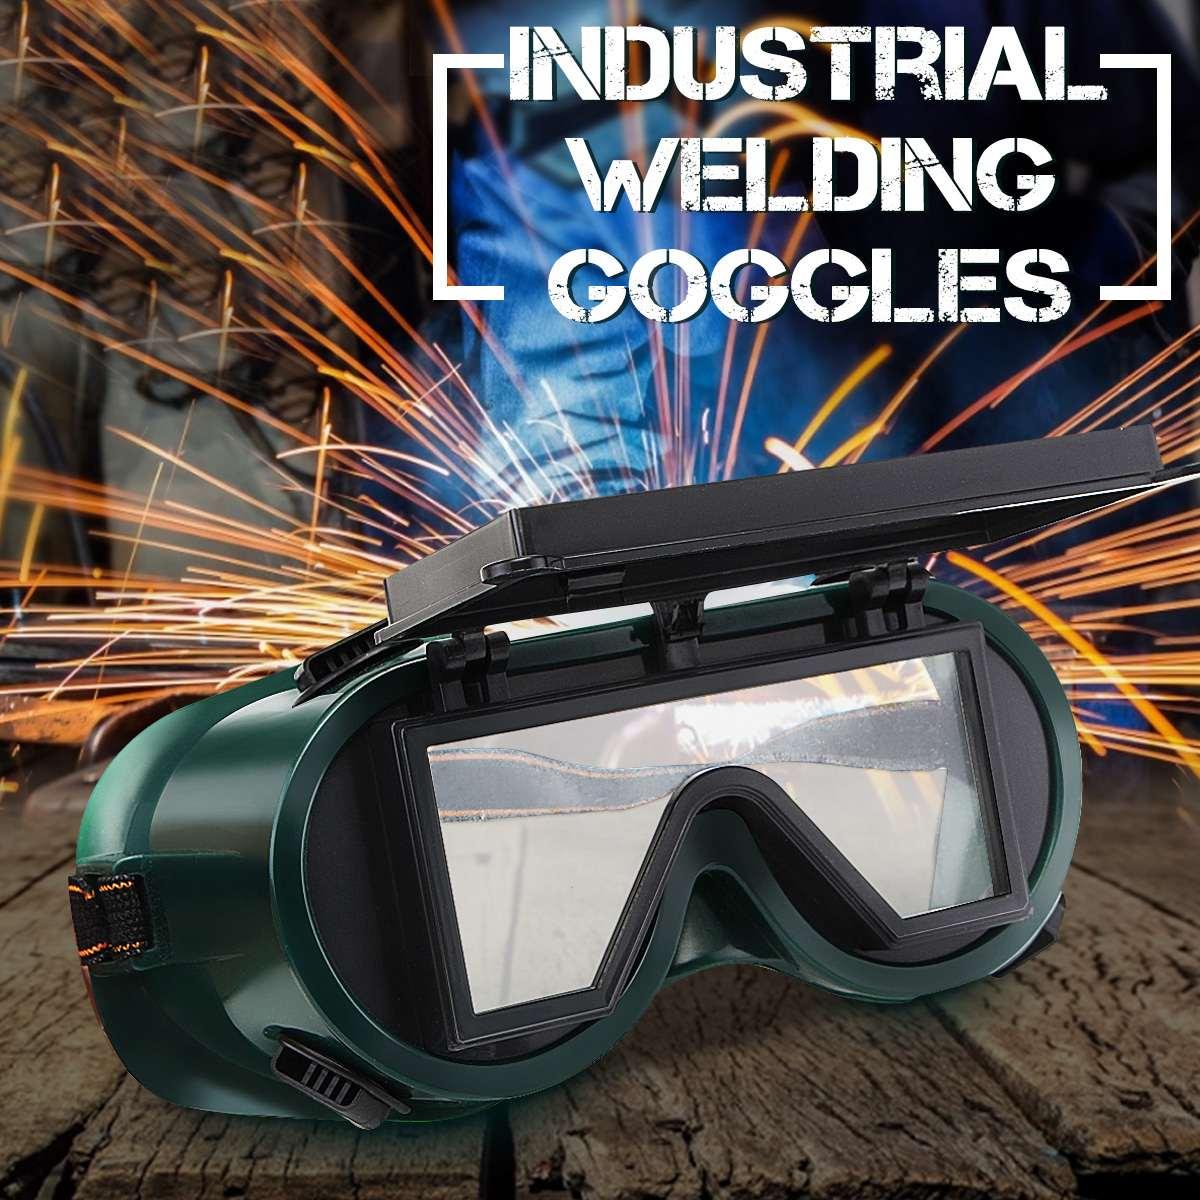 Solar Auto Darkening Welding Helmet Eye Protection Glasses Industrial Welder Cap Goggles Machine Soldering Mask Welding Tools